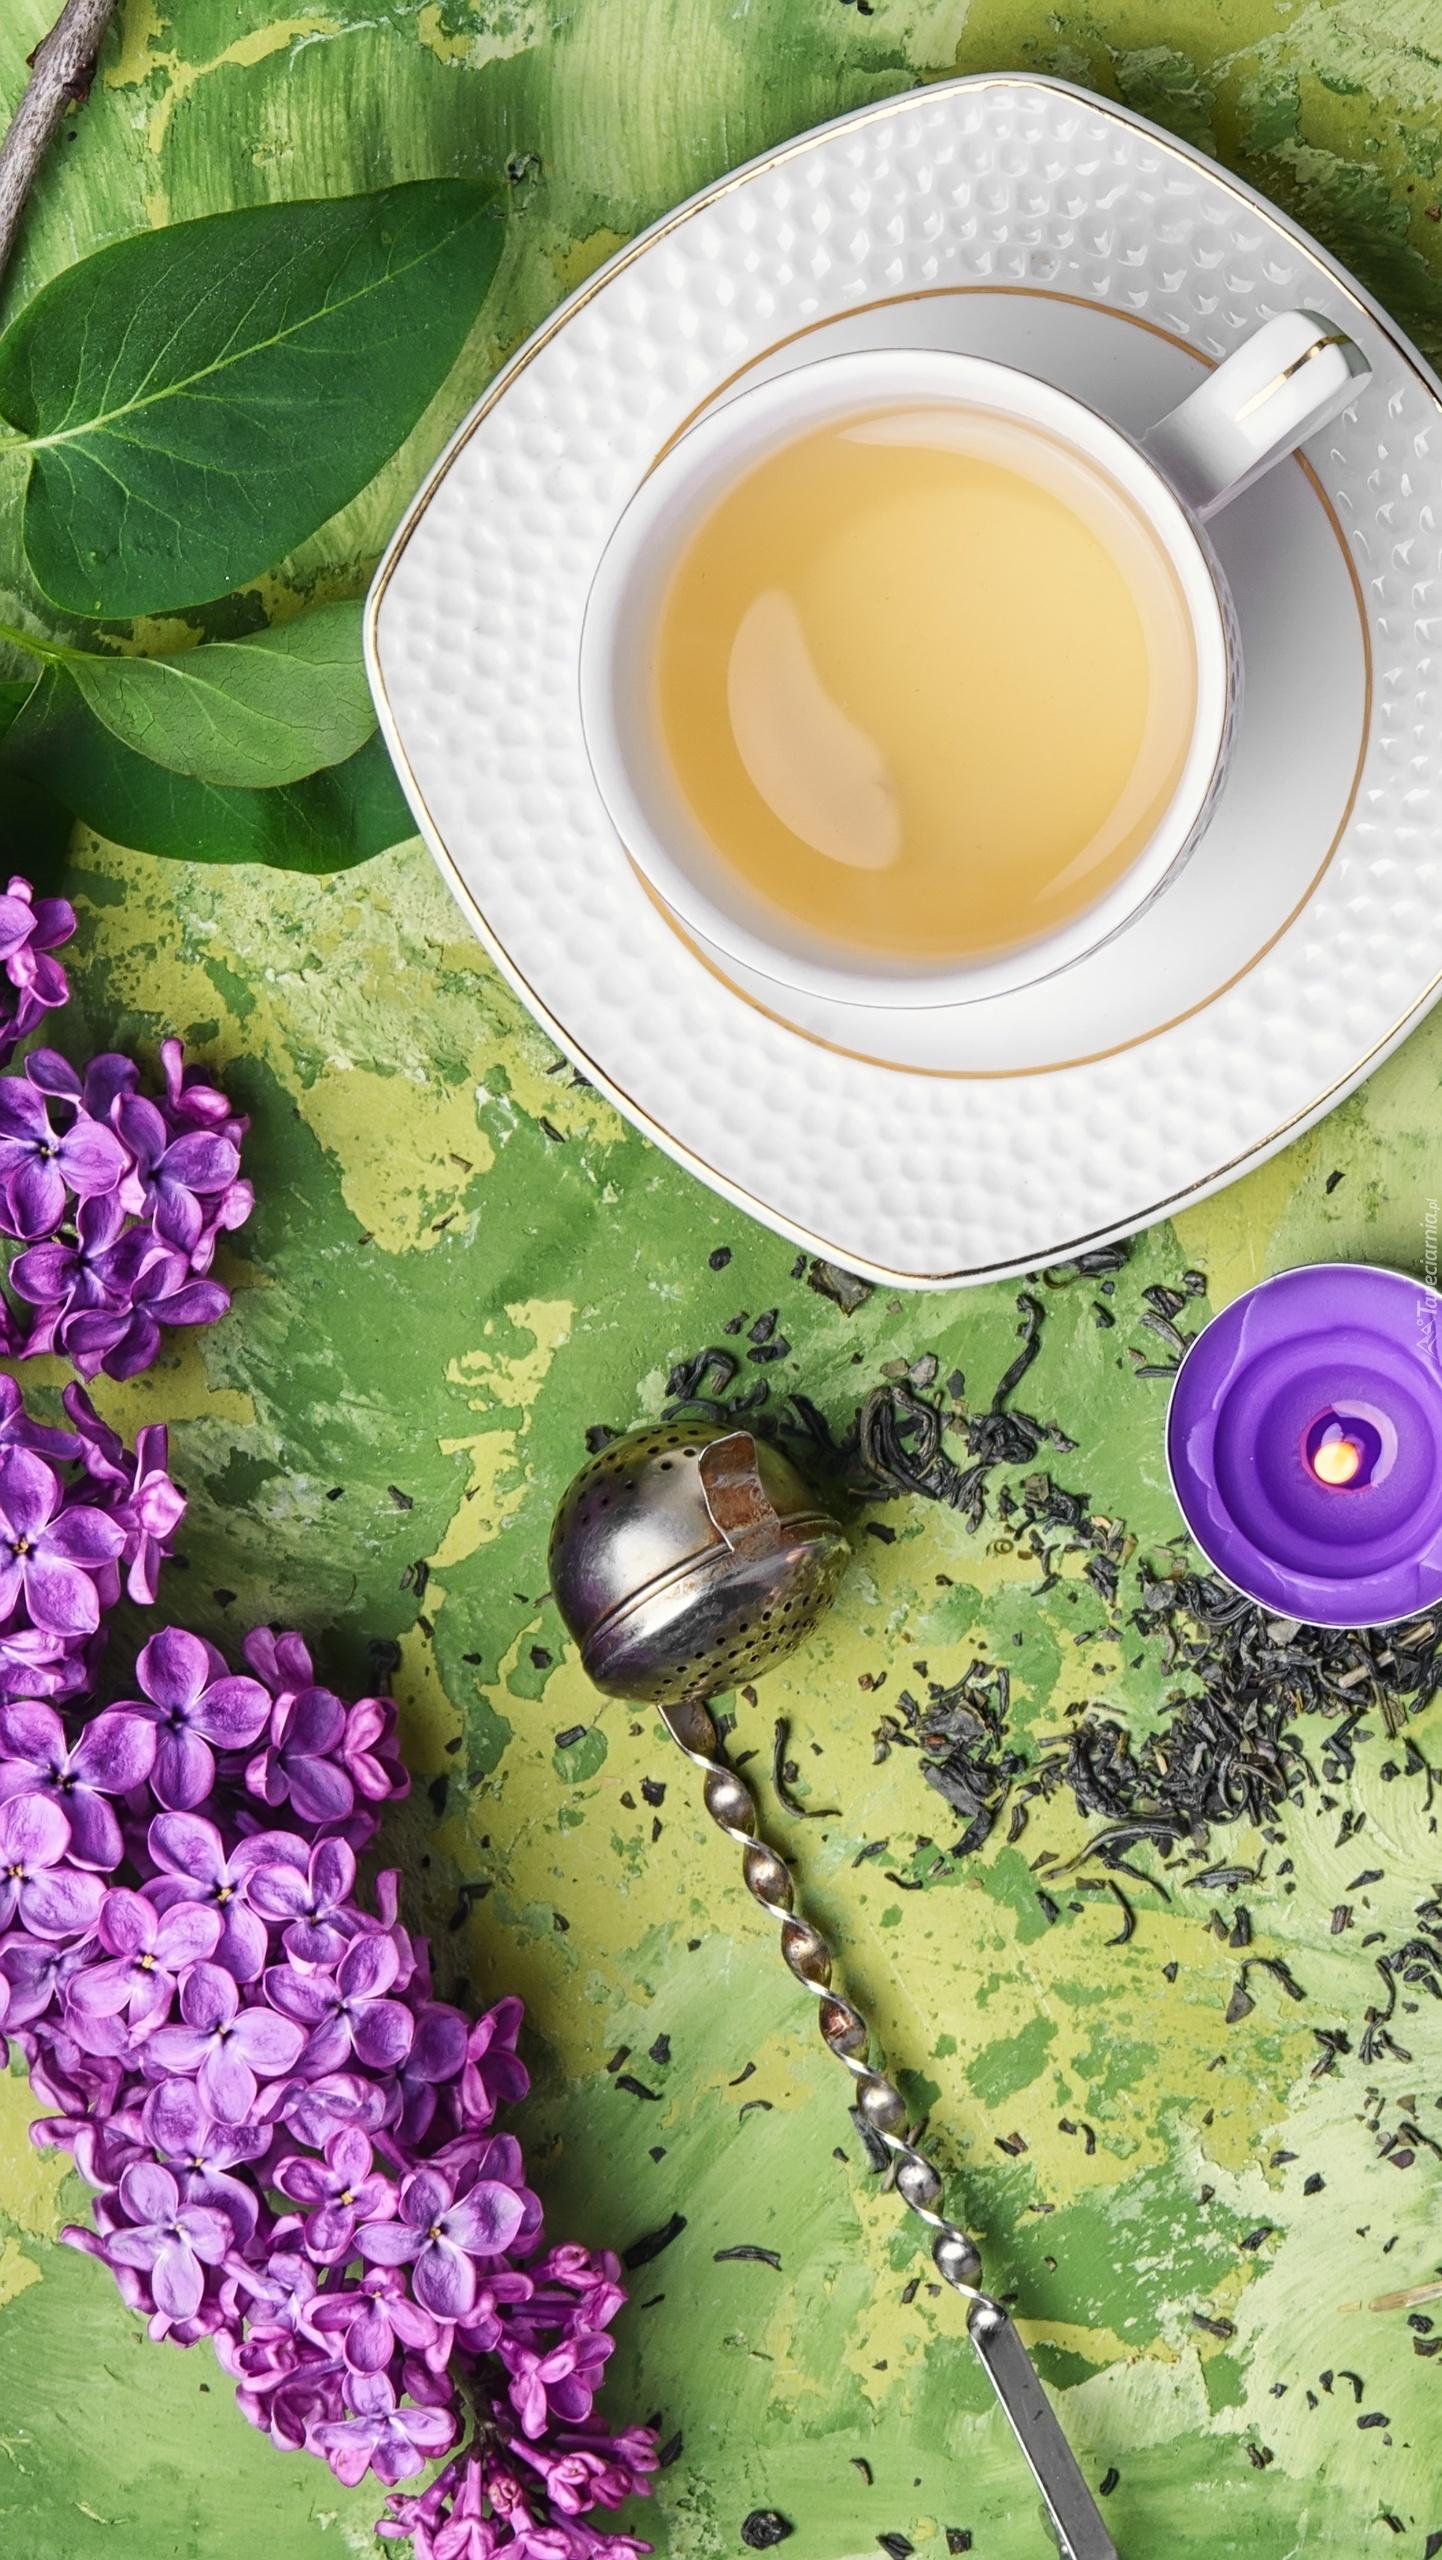 Filiżanka z herbatą obok gałązki bzu